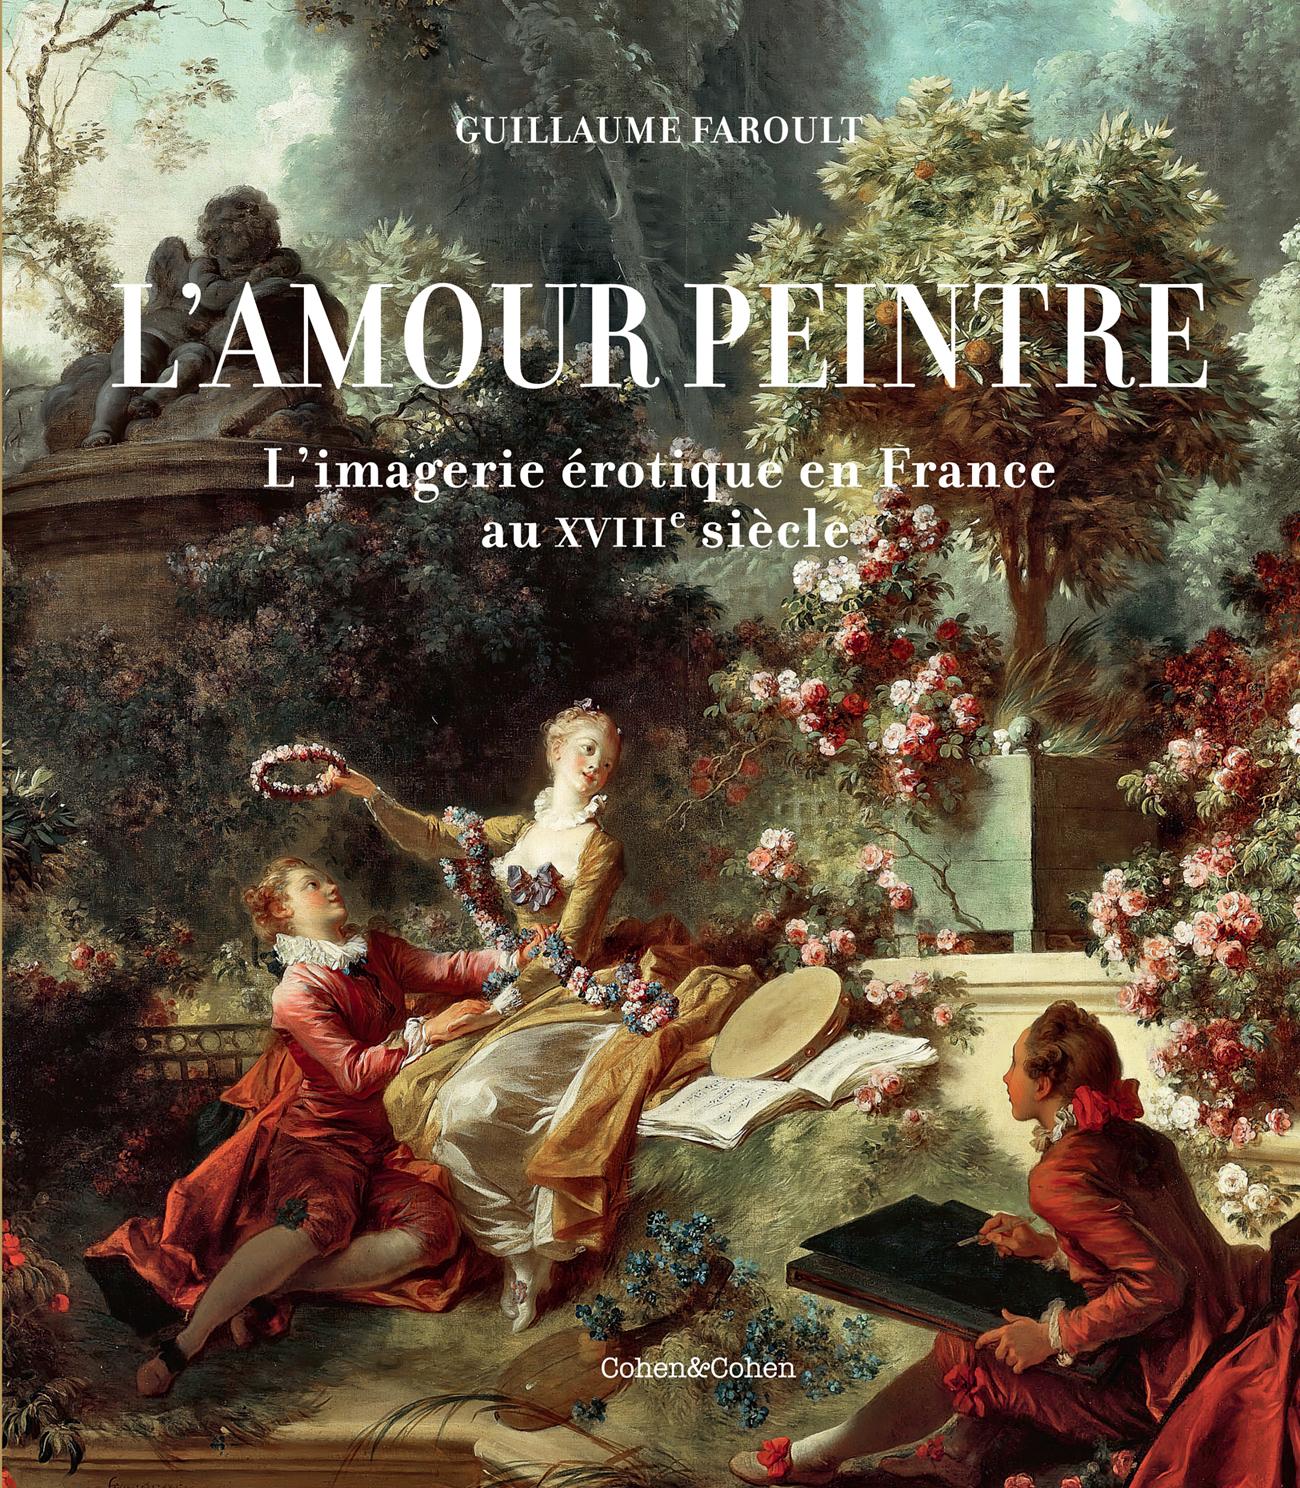 G. Faroult, L'Amour peintre. L'imagerie érotique en France au XVIIIe siècle